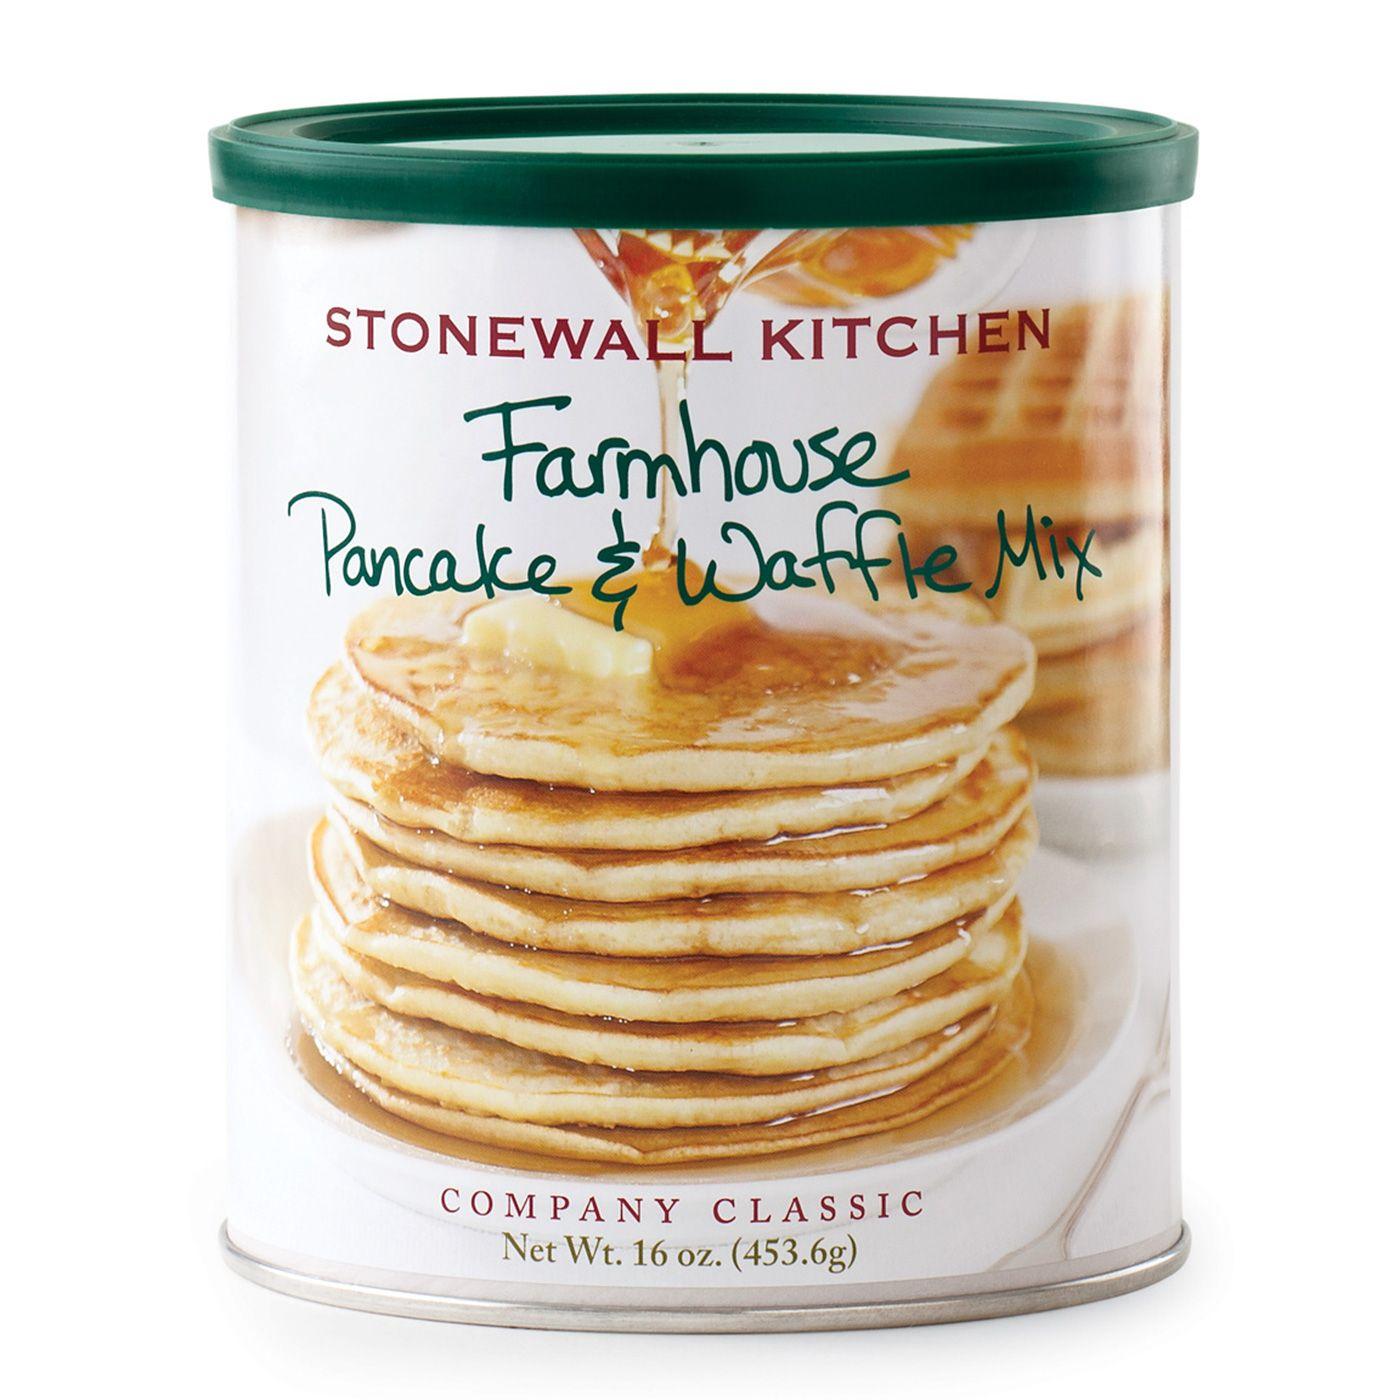 Farmhouse pancake waffle mix in 2020 waffle mix